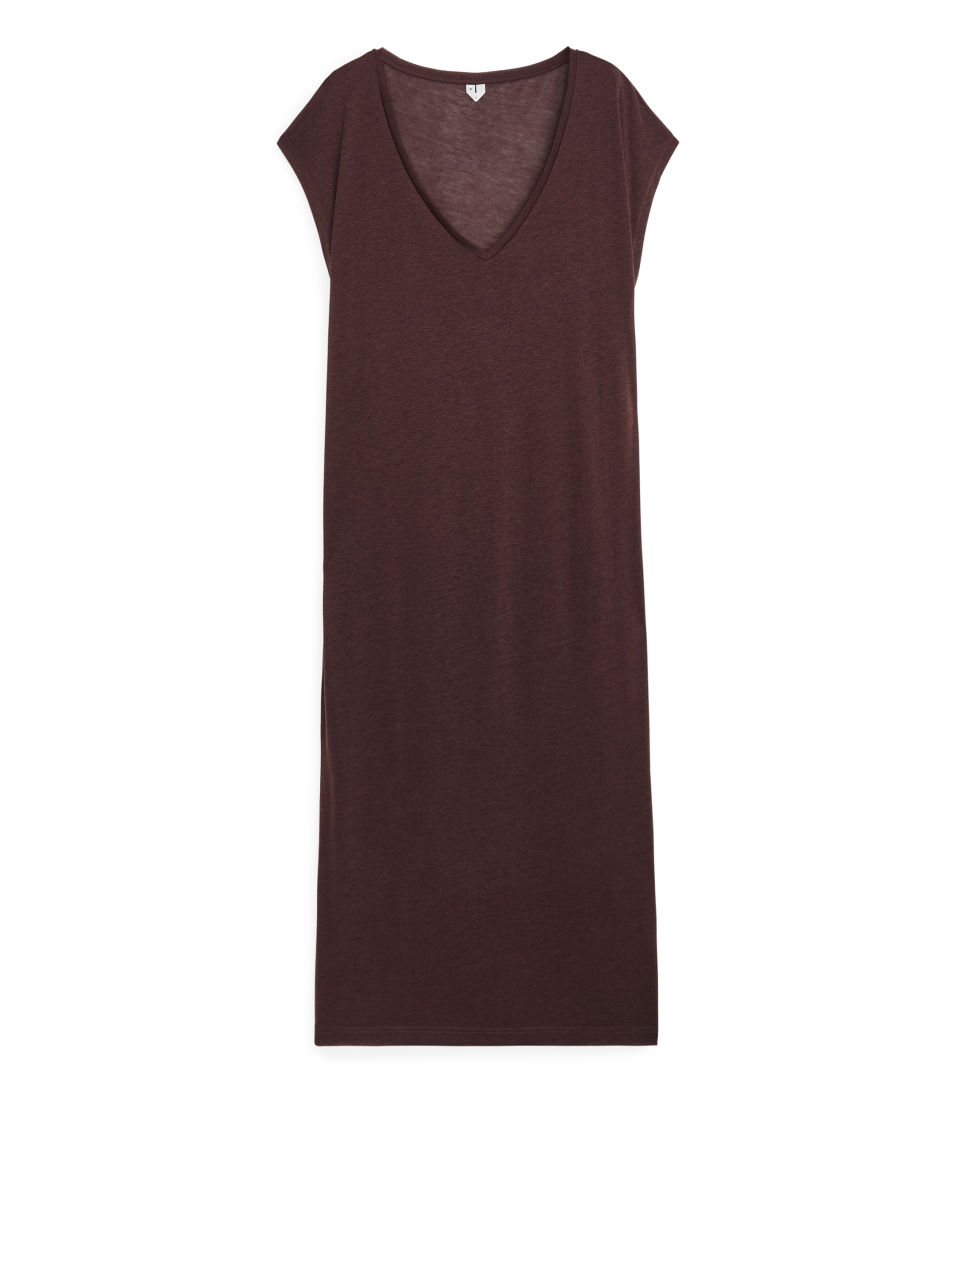 Semi-Sheer T-Shirt Dress - Brown